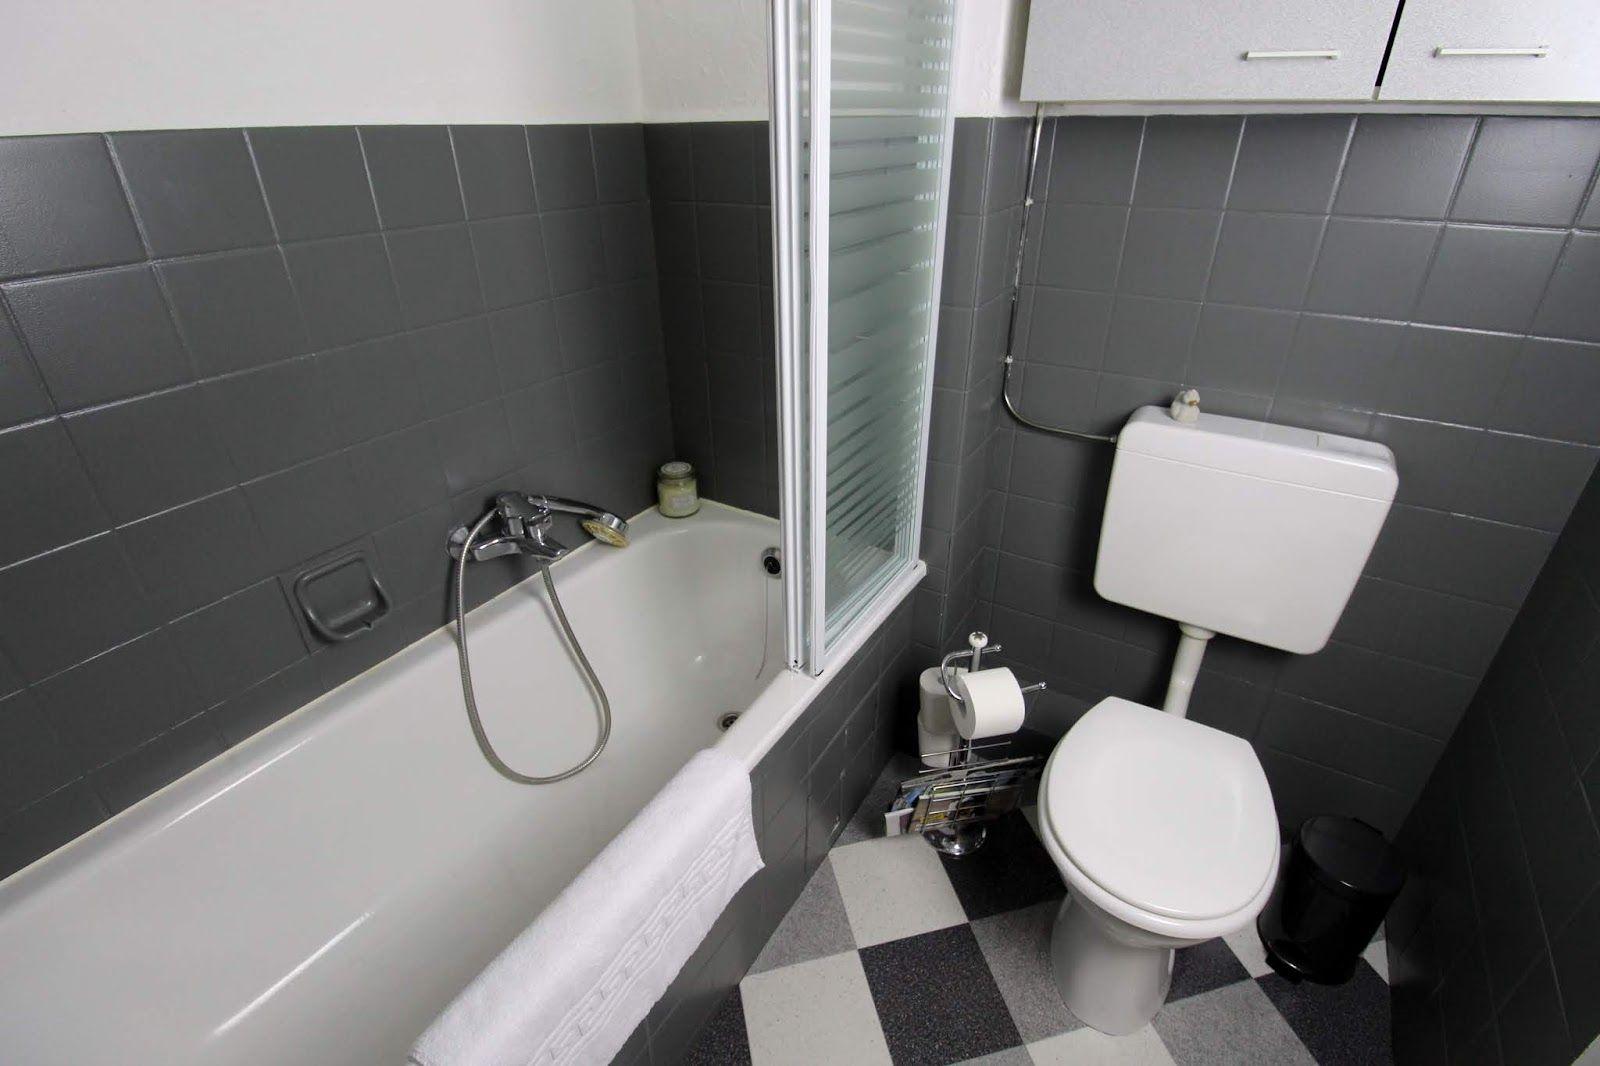 Diy Badezimmer Streichen Und Renovieren Mit Fliesenfarbe Badezimmer Streichen Badezimmer Renovieren Badezimmer Komplett